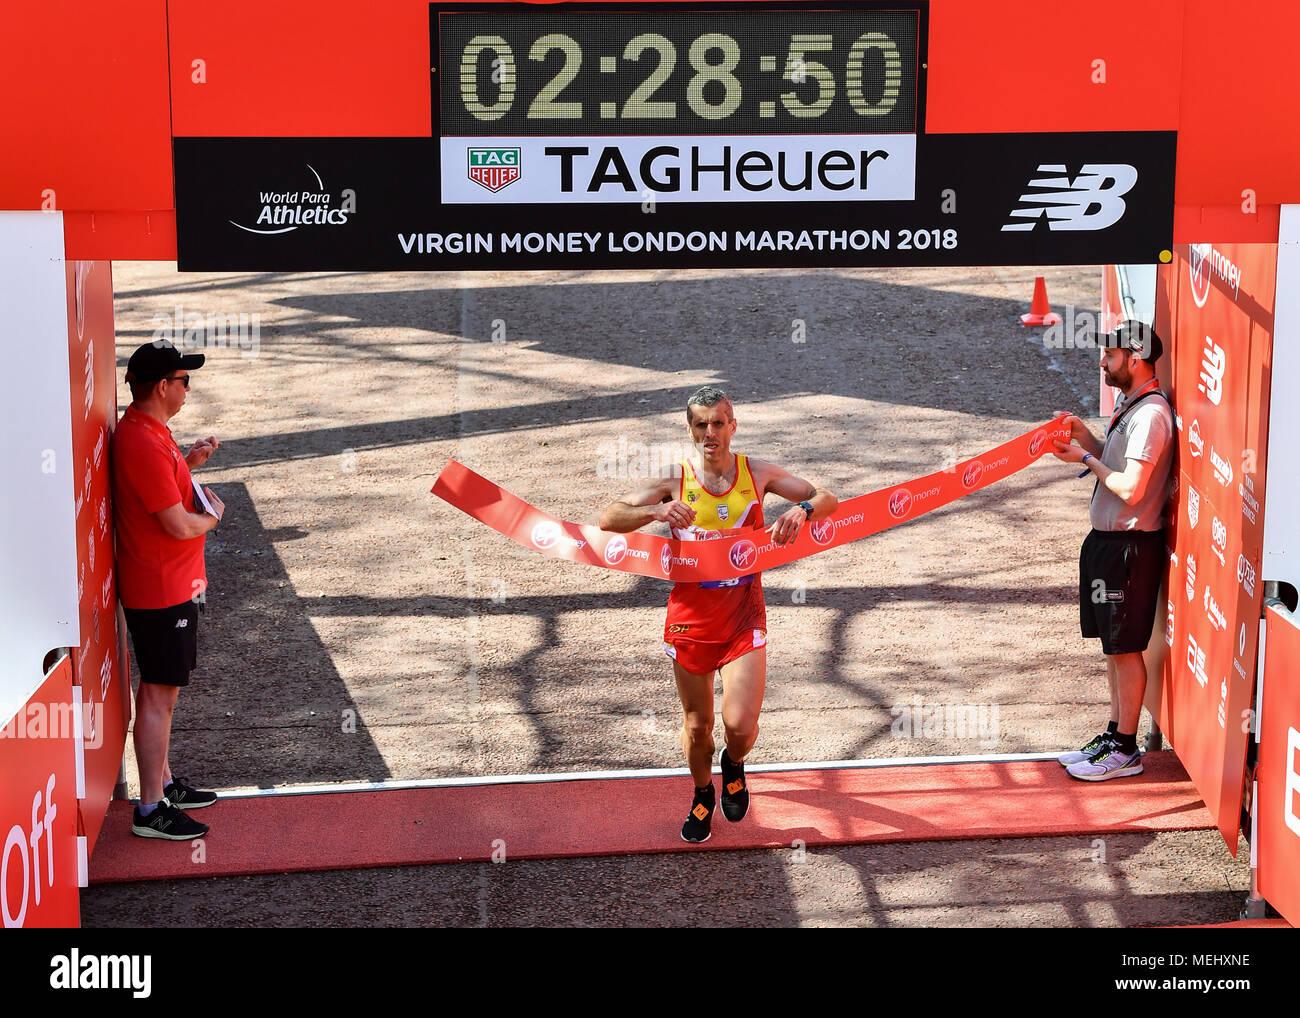 Londra, UK, 22 aprile 2018. Alberto Suarez Laso (EPS, T1/12) completato il mondo Para atletica Marathon World Cup durante il 2018 denaro Virgin London marathon di domenica, 22 aprile 2018. Londra, Inghilterra. Credito: Taka G Wu Credito: Taka Wu/Alamy Live News Immagini Stock